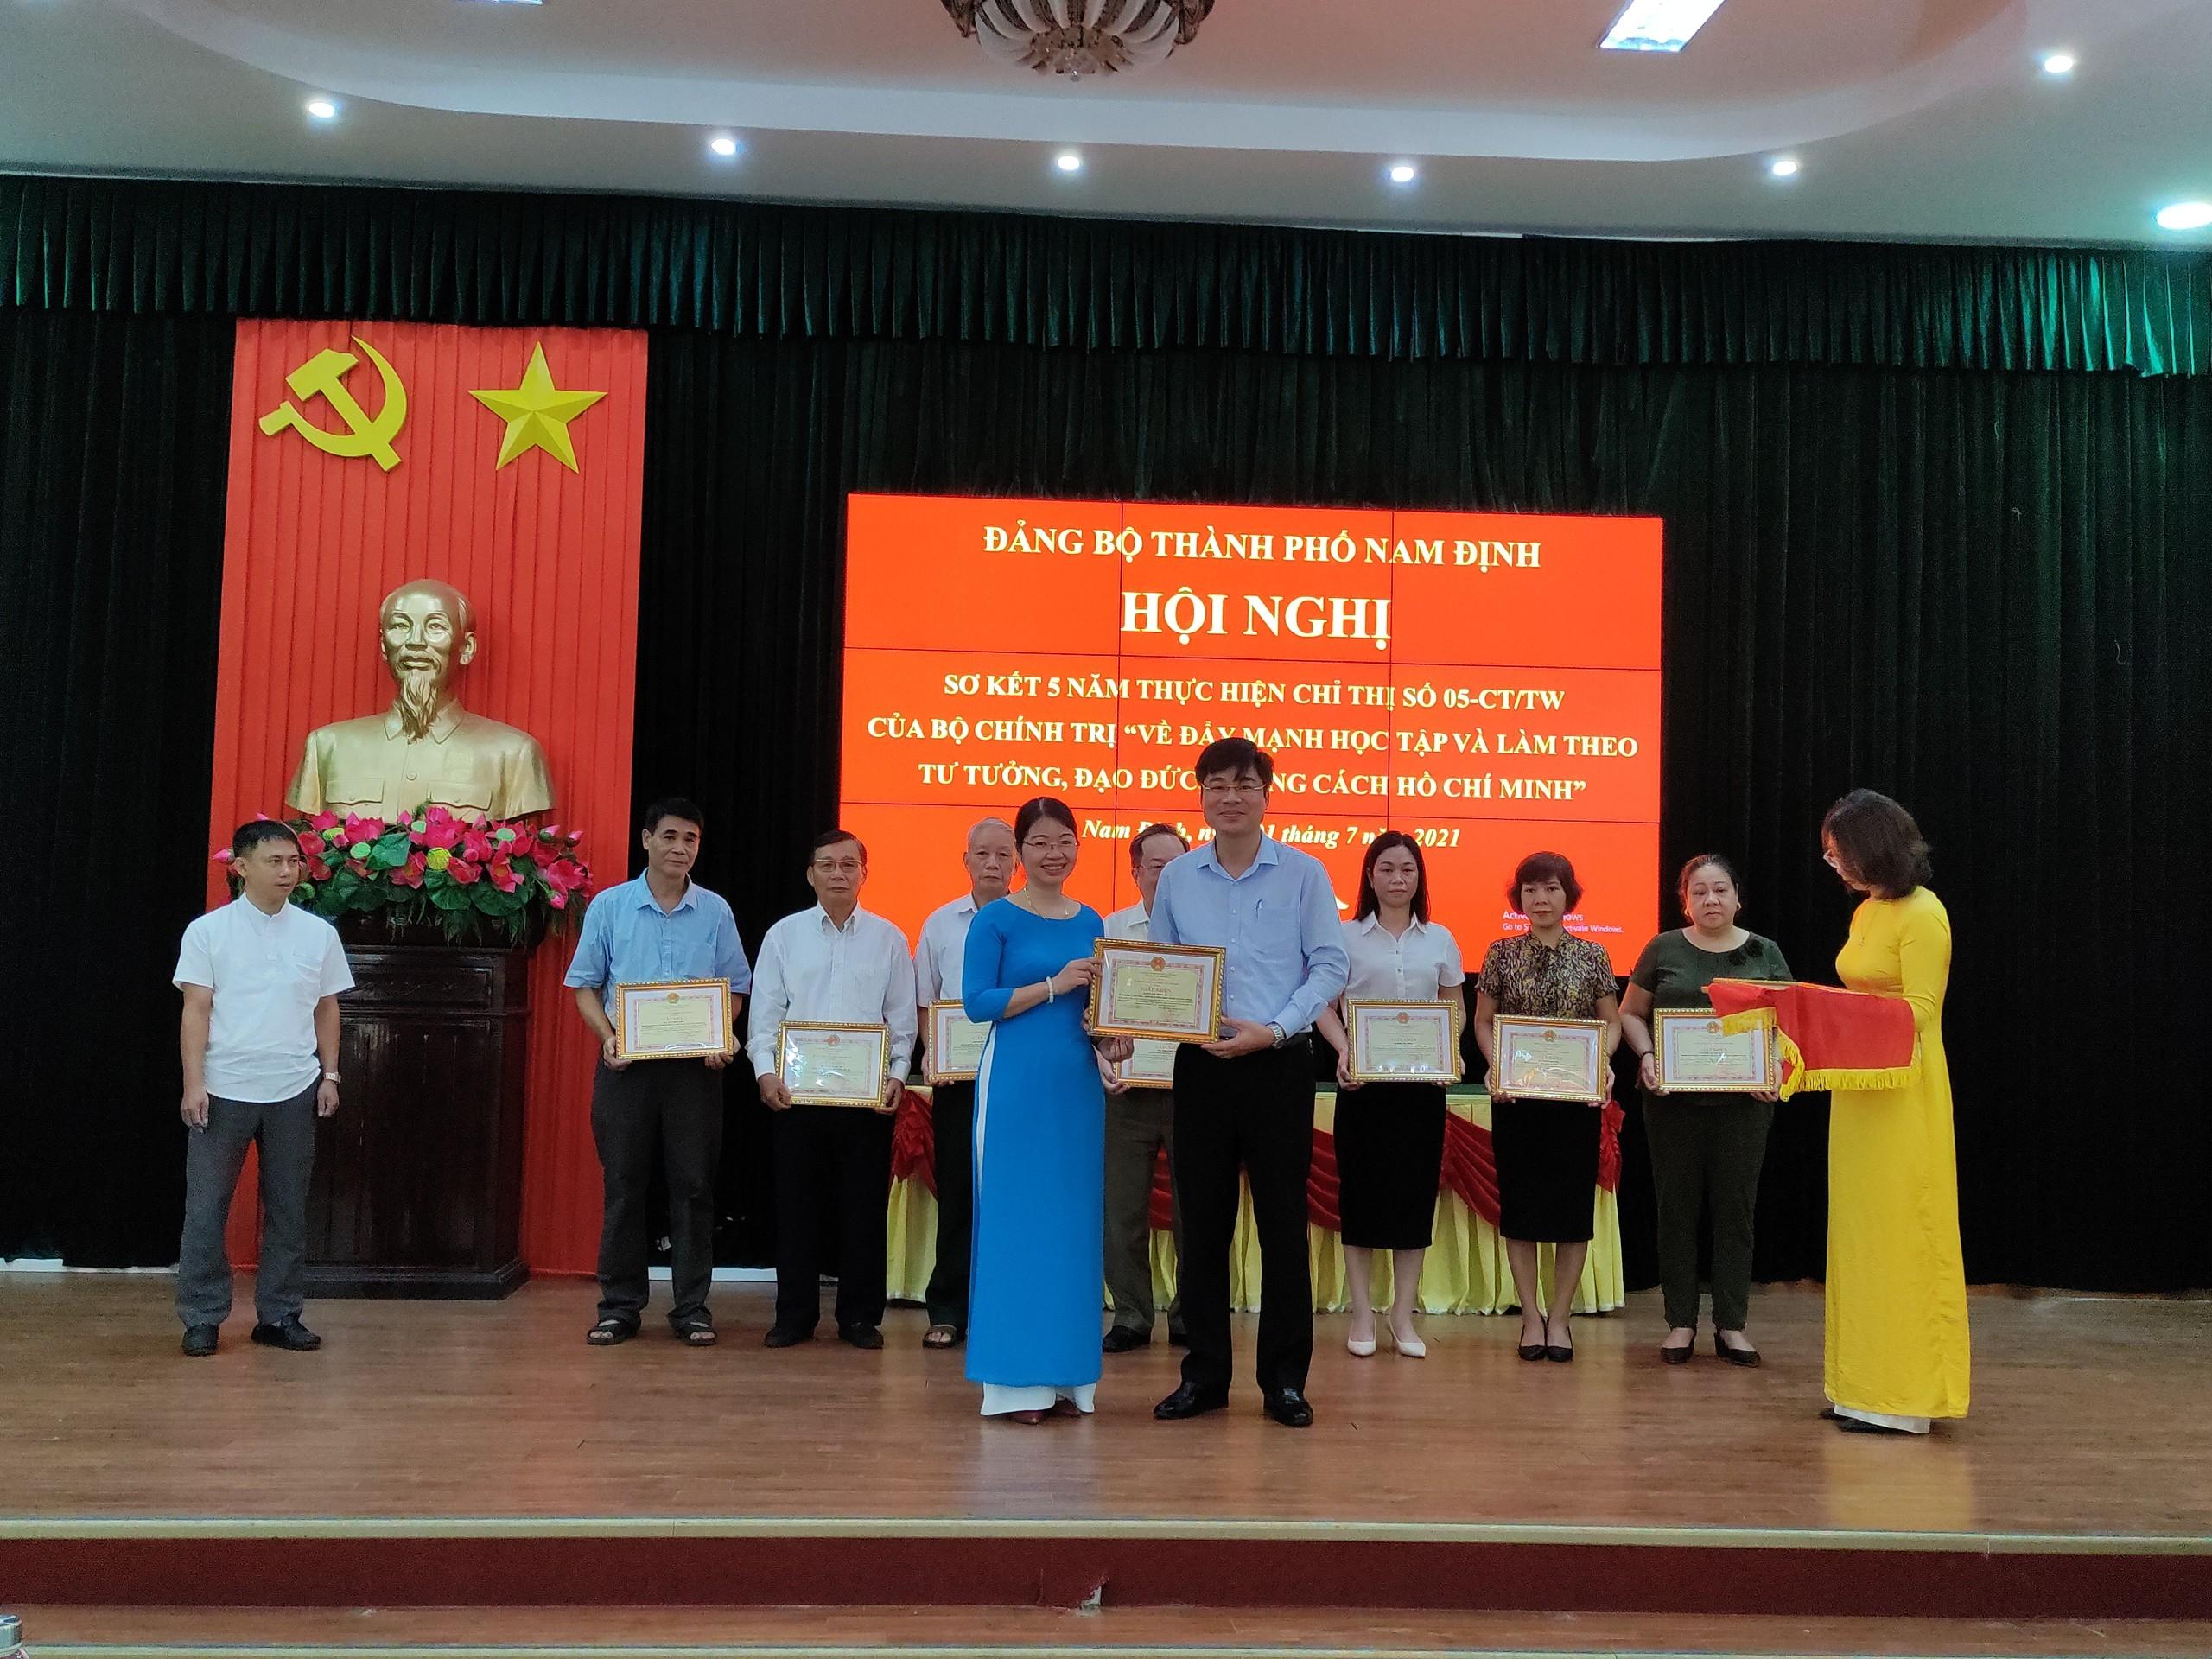 Trường THPT chuyên Lê Hồng Phong báo cáo tham luận tại hội nghị sơ kết 5 năm thực hiện chỉ thị số 05-CT/TW của Bộ Chính trị